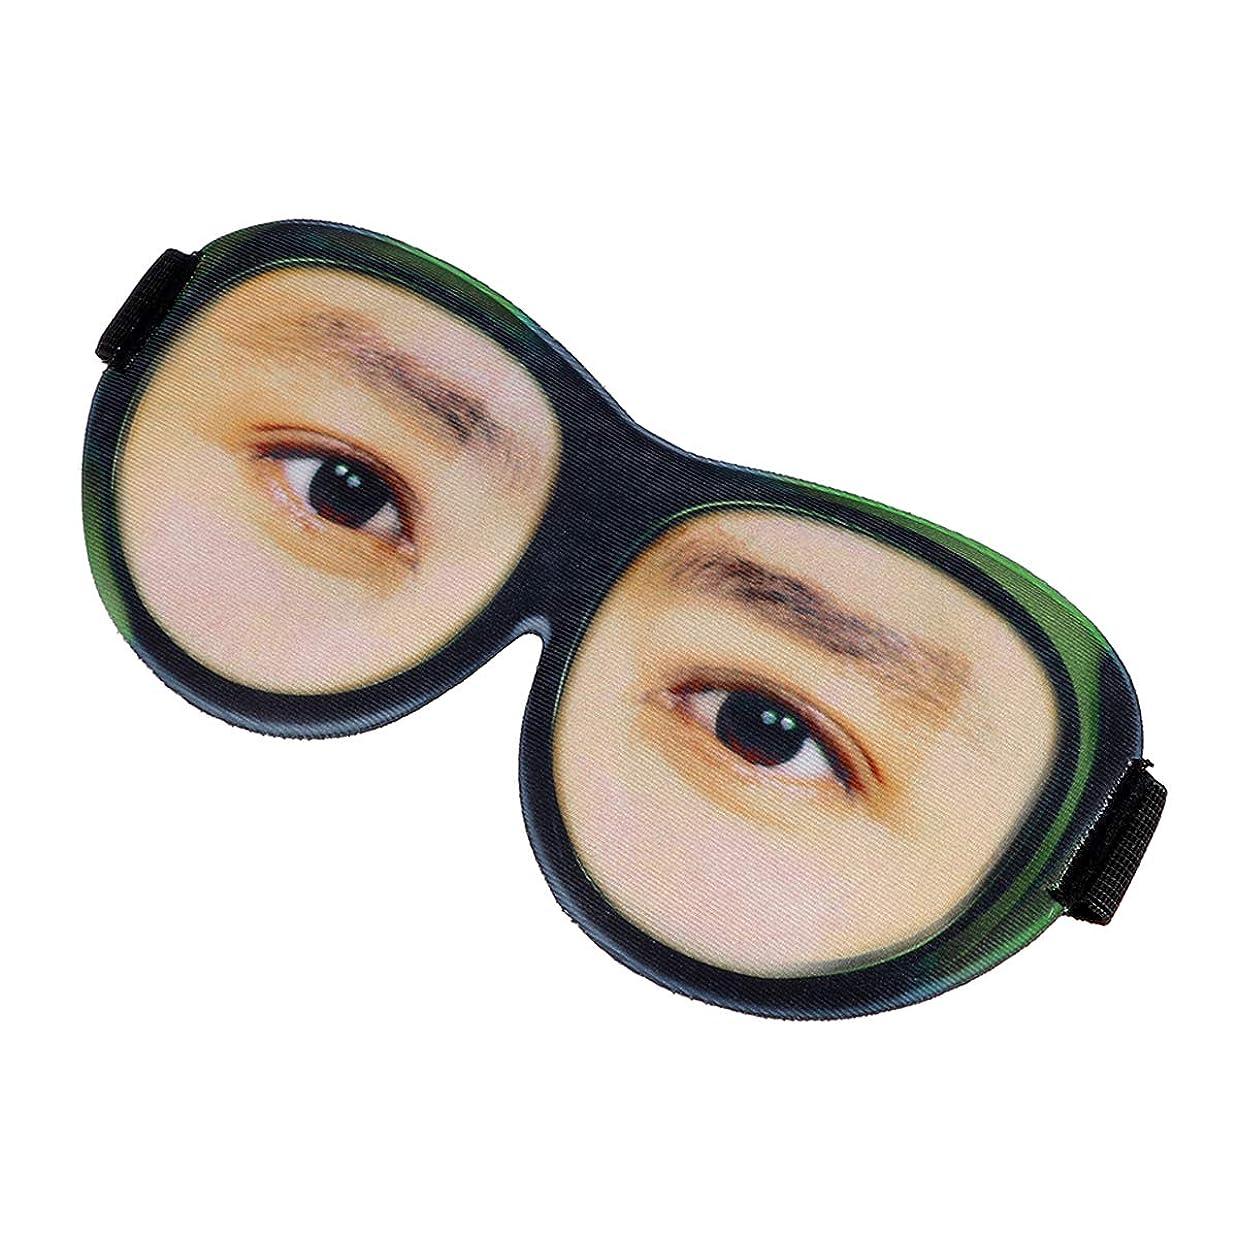 マウスピースクール半円Beaupretty 睡眠マスクメガネ3d付き調節可能ストラップアイアイシェード睡眠アイシェード遮光ブロック用ホーム旅行屋外旅行